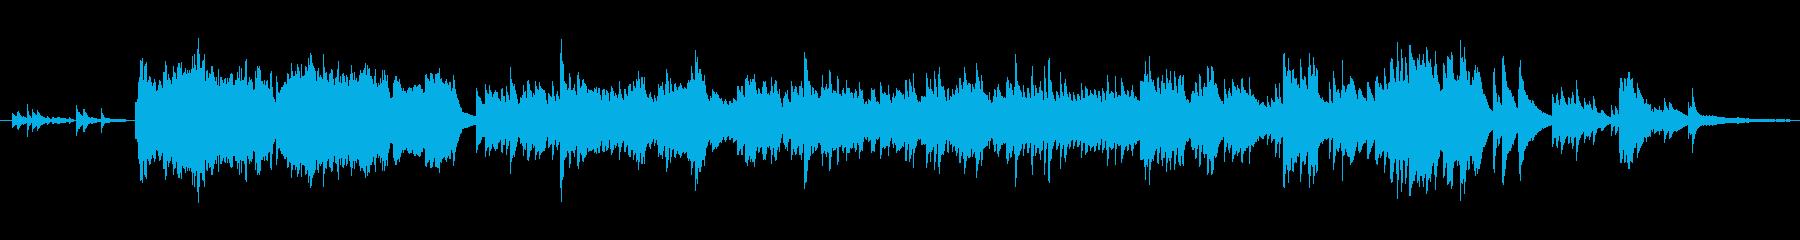 切なげな旋律のピアノ音楽の再生済みの波形